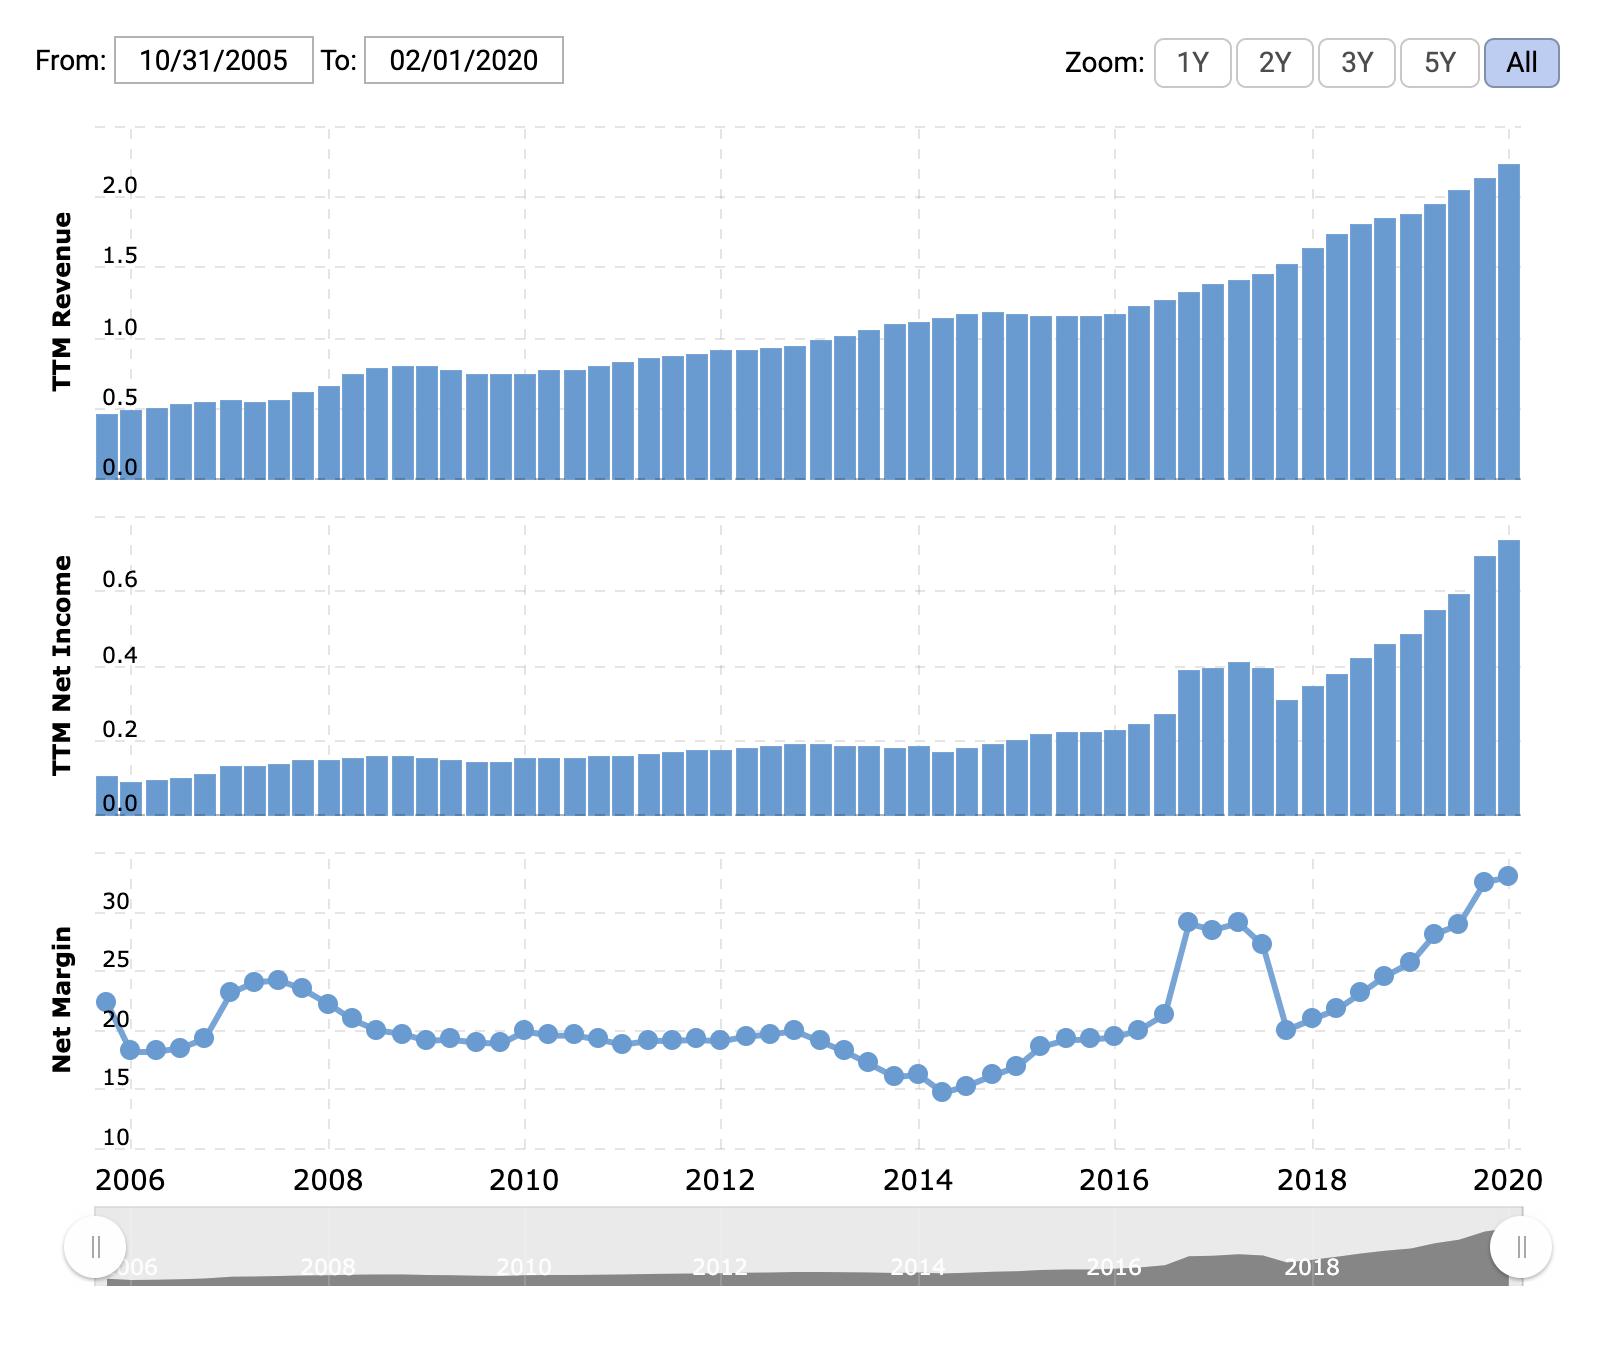 Выручка компании за последние 12 месяцев, прибыль компании за последние 12 месяцев — оба показателя в миллиардах долларов, — итоговая маржа в процентах. Источник: Macrotrends